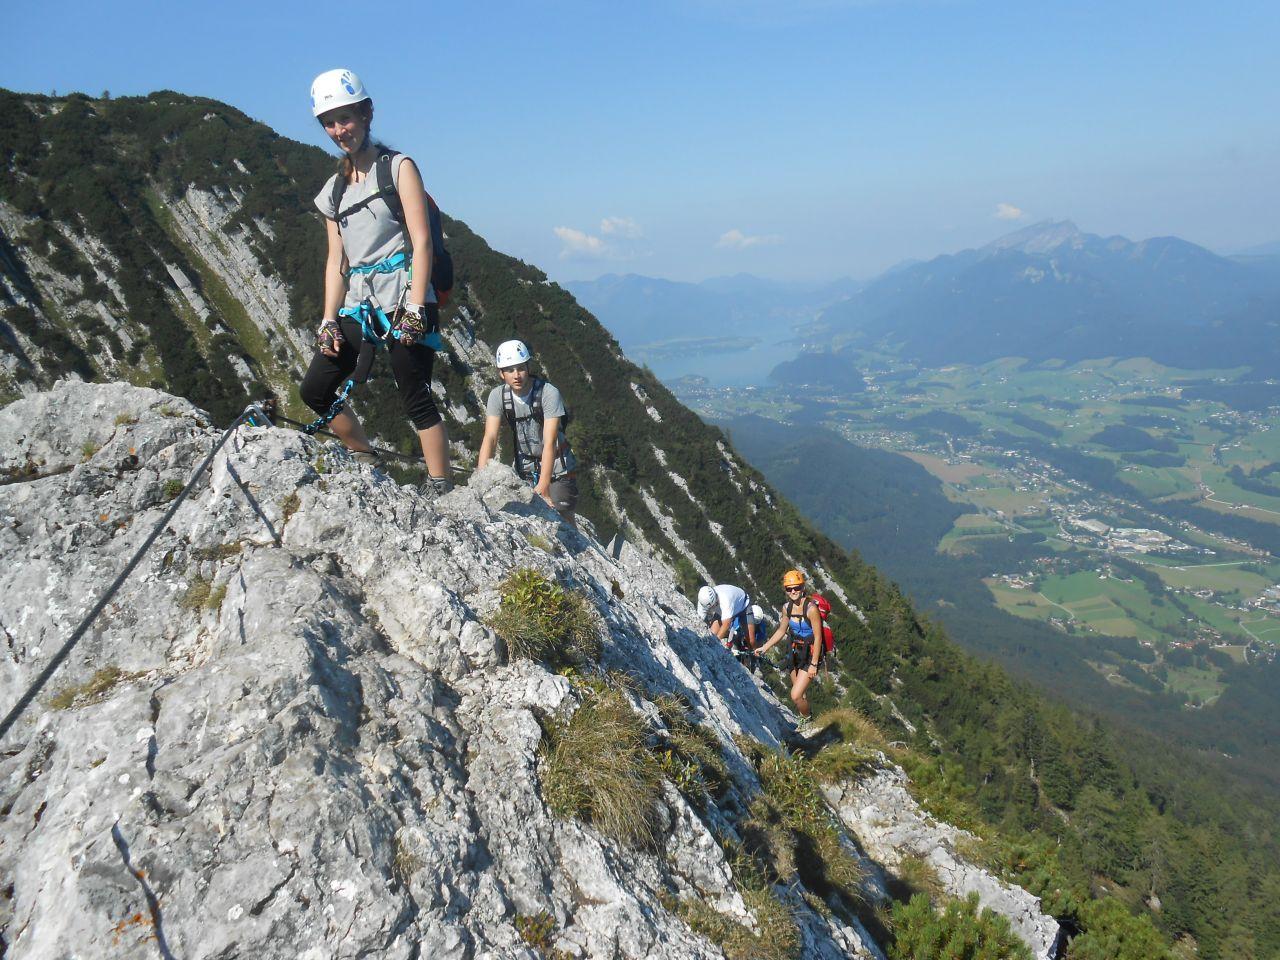 Klettersteig Katrin : Katrin klettersteig alpenverein